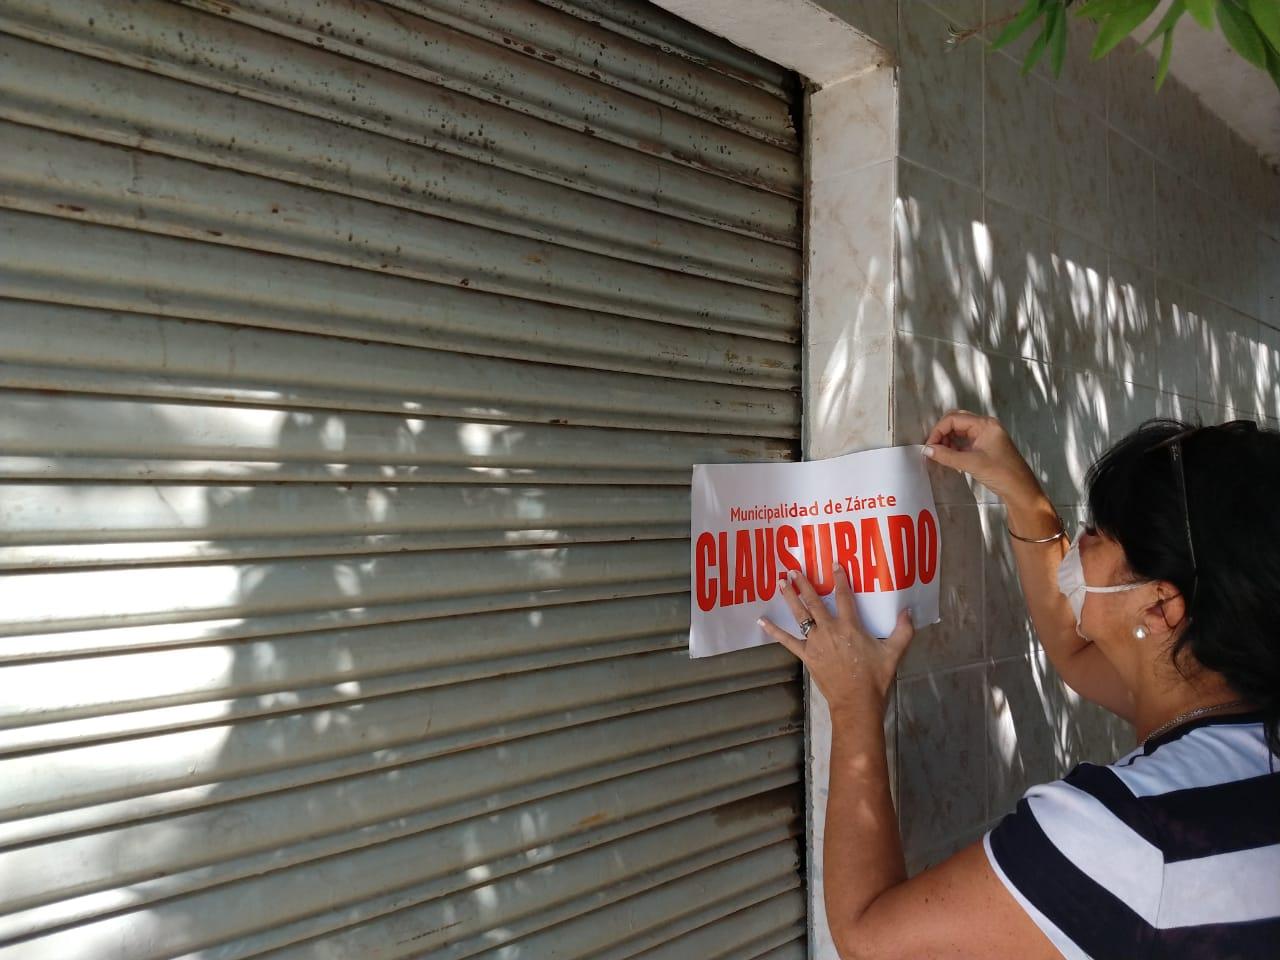 El Municipio informó sobre Clausuras en los operativos de Inspección que se están realizando.